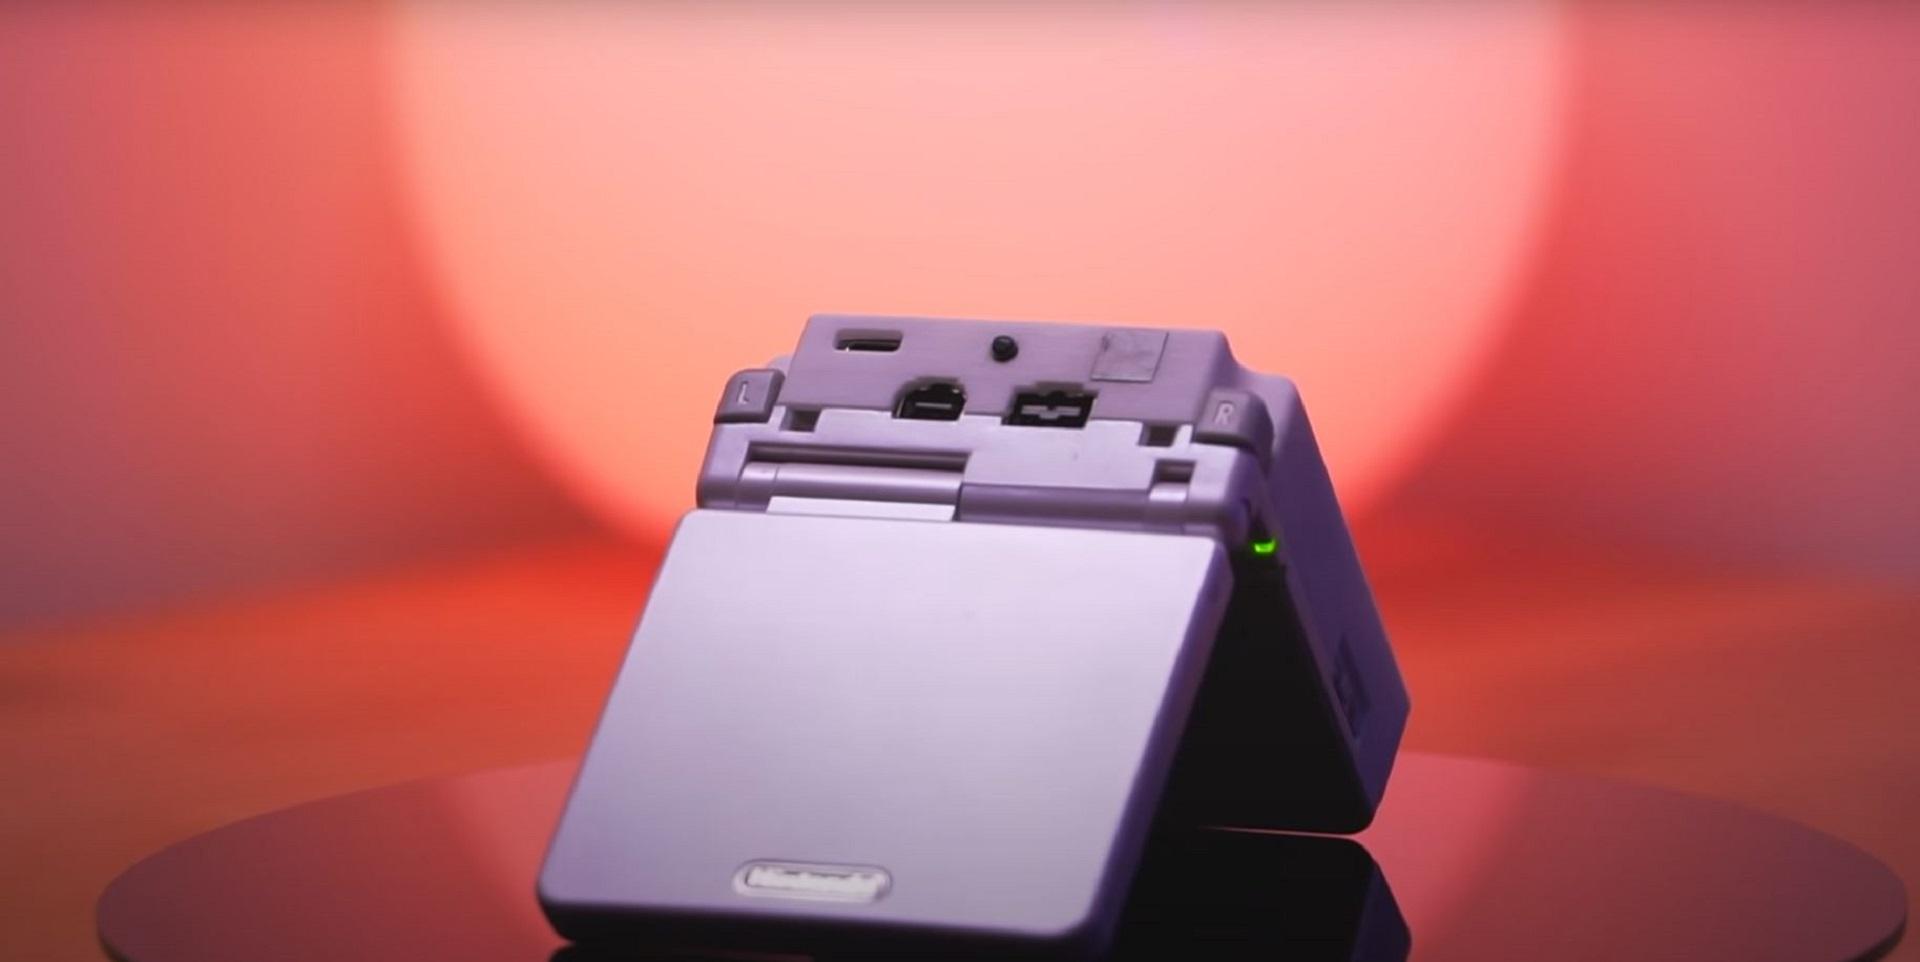 Gemoddeter Game Boy Advance bietet Annehmlichkeiten wie moderne Handhelden